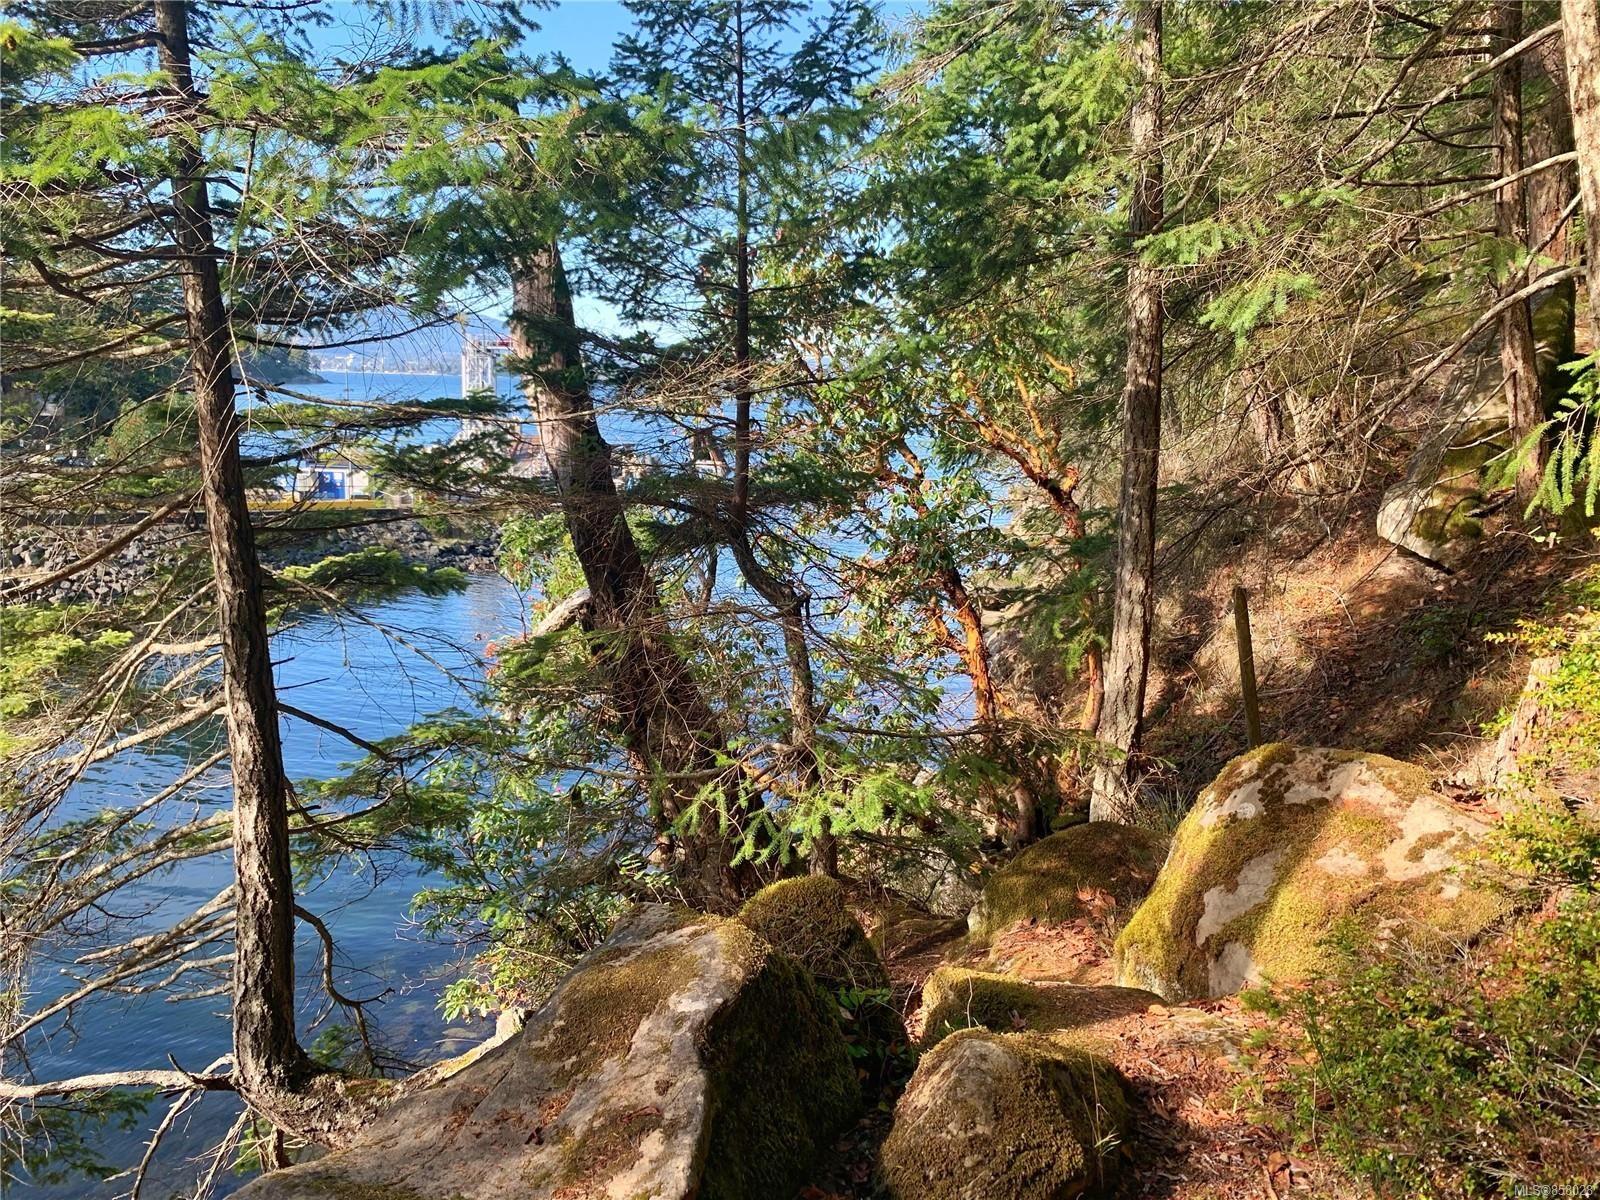 Main Photo: Lt 3 Taylor Bay Rd in : Isl Gabriola Island Land for sale (Islands)  : MLS®# 858028